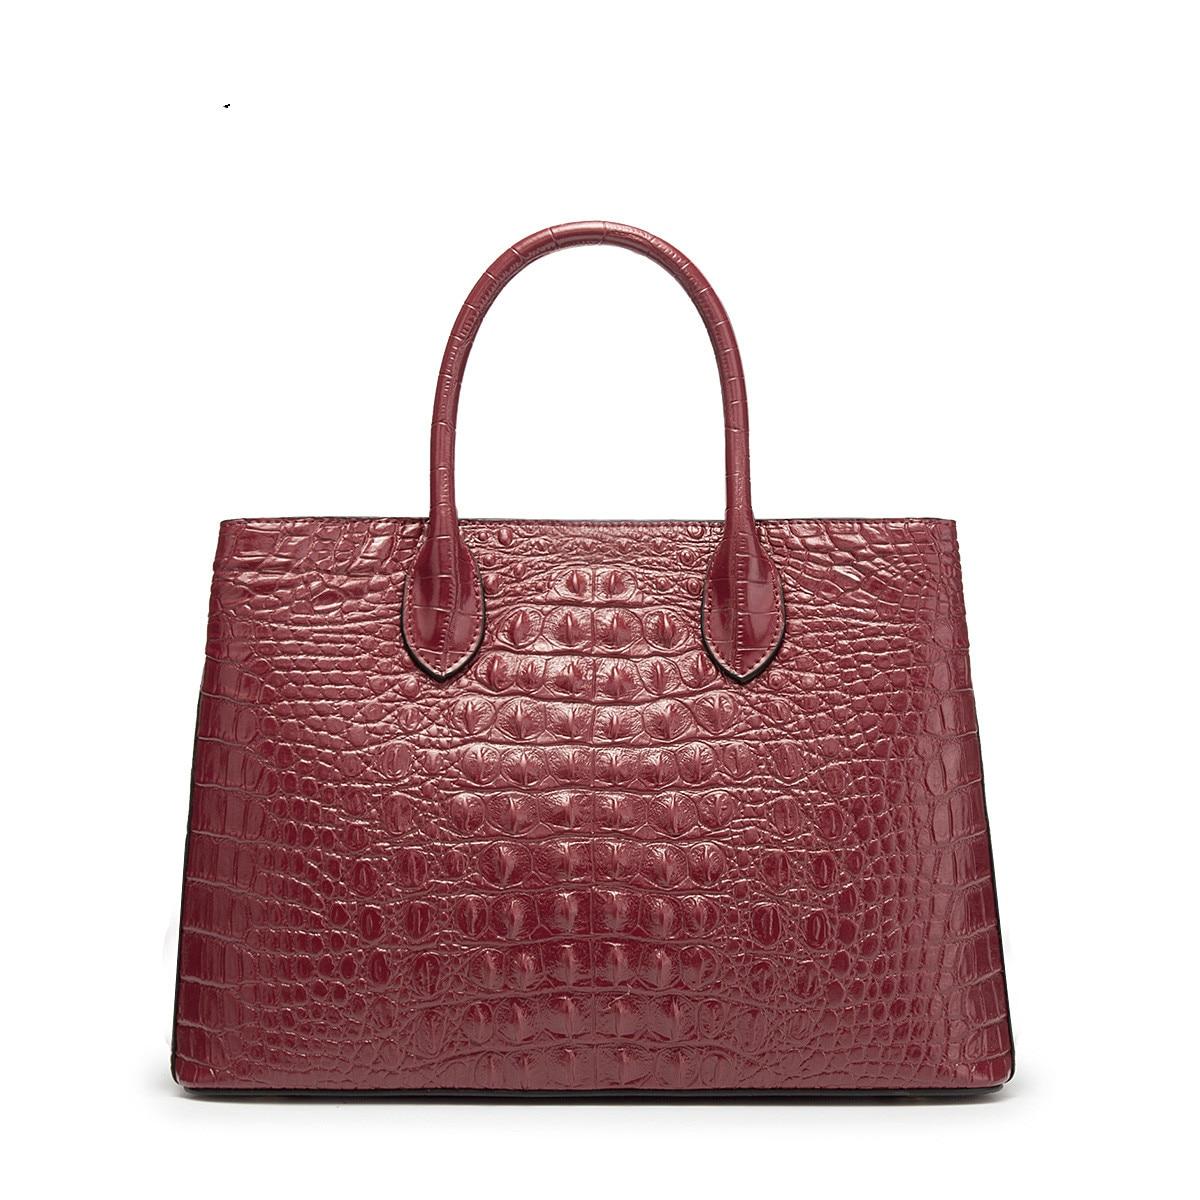 Schwarzes Frauen Echtem Weibliche Taschen Handtasche Ein Sac Tasche Schulter rot Marken Designer grün gelb Rosa Tote Haupt Leder Luxus Damen Berühmte Handtaschen vx0XUU